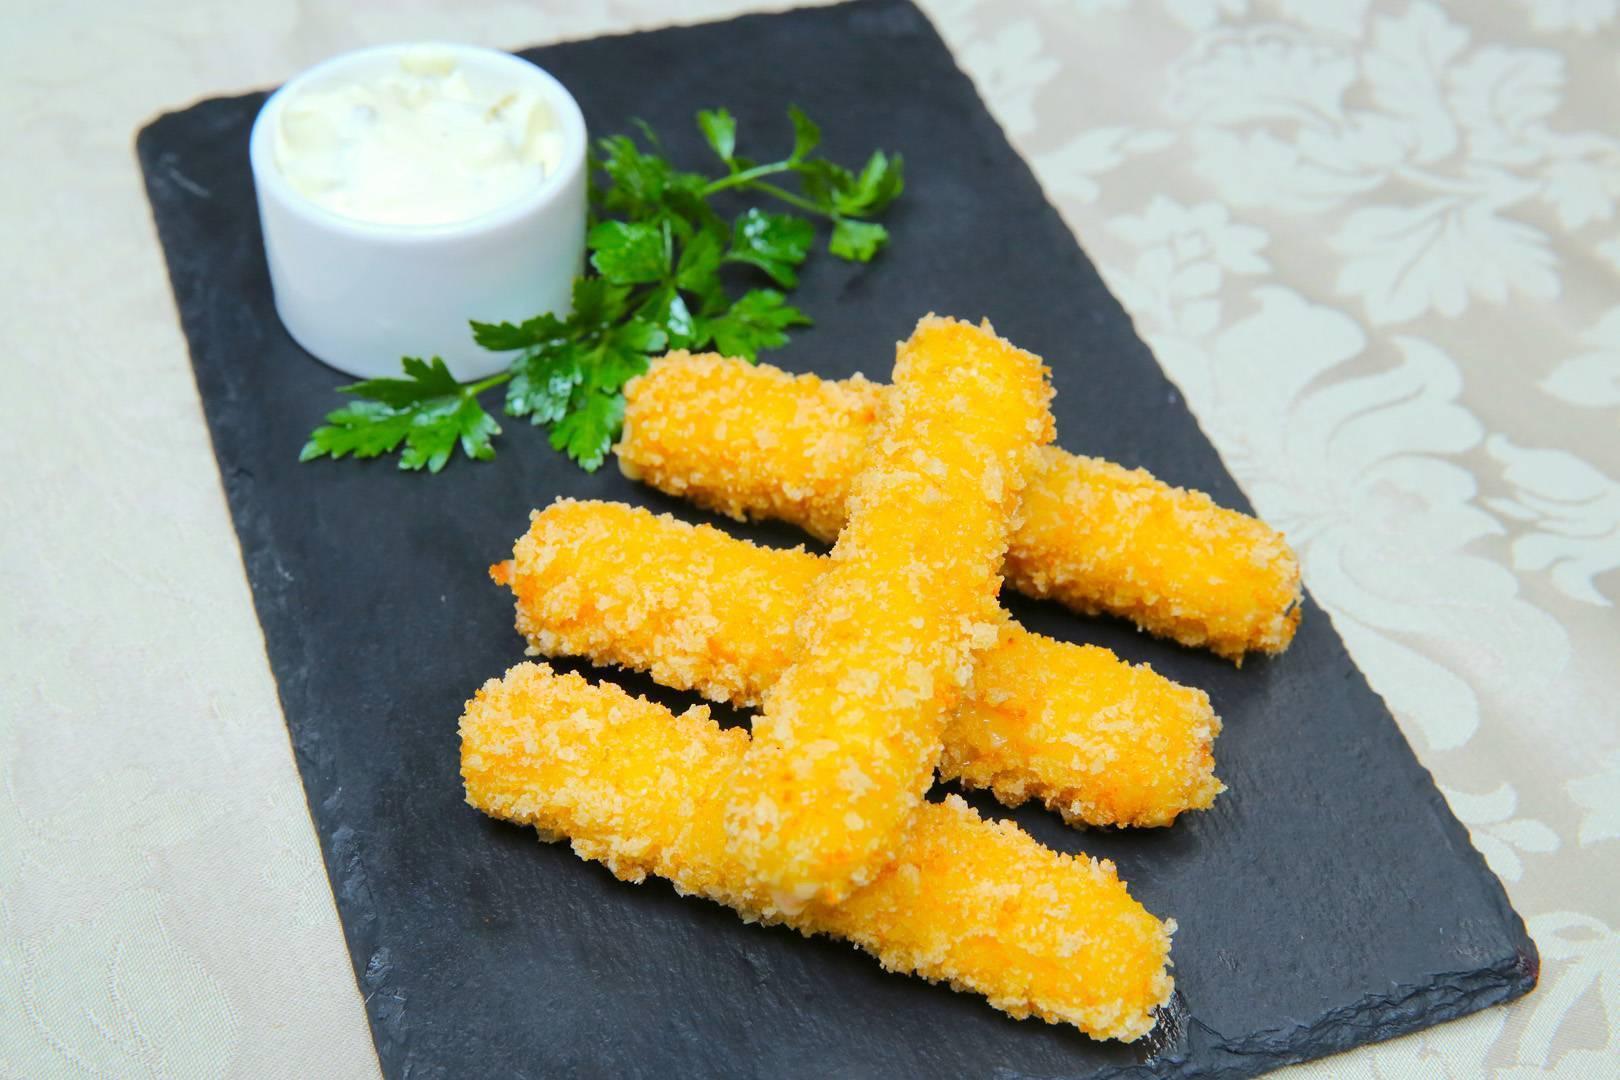 Как сделать сухой сыр бочонок дома. способы приготовления и польза копченого сыра. как сделать сырные шарики в домашних условиях — общие рекомендации